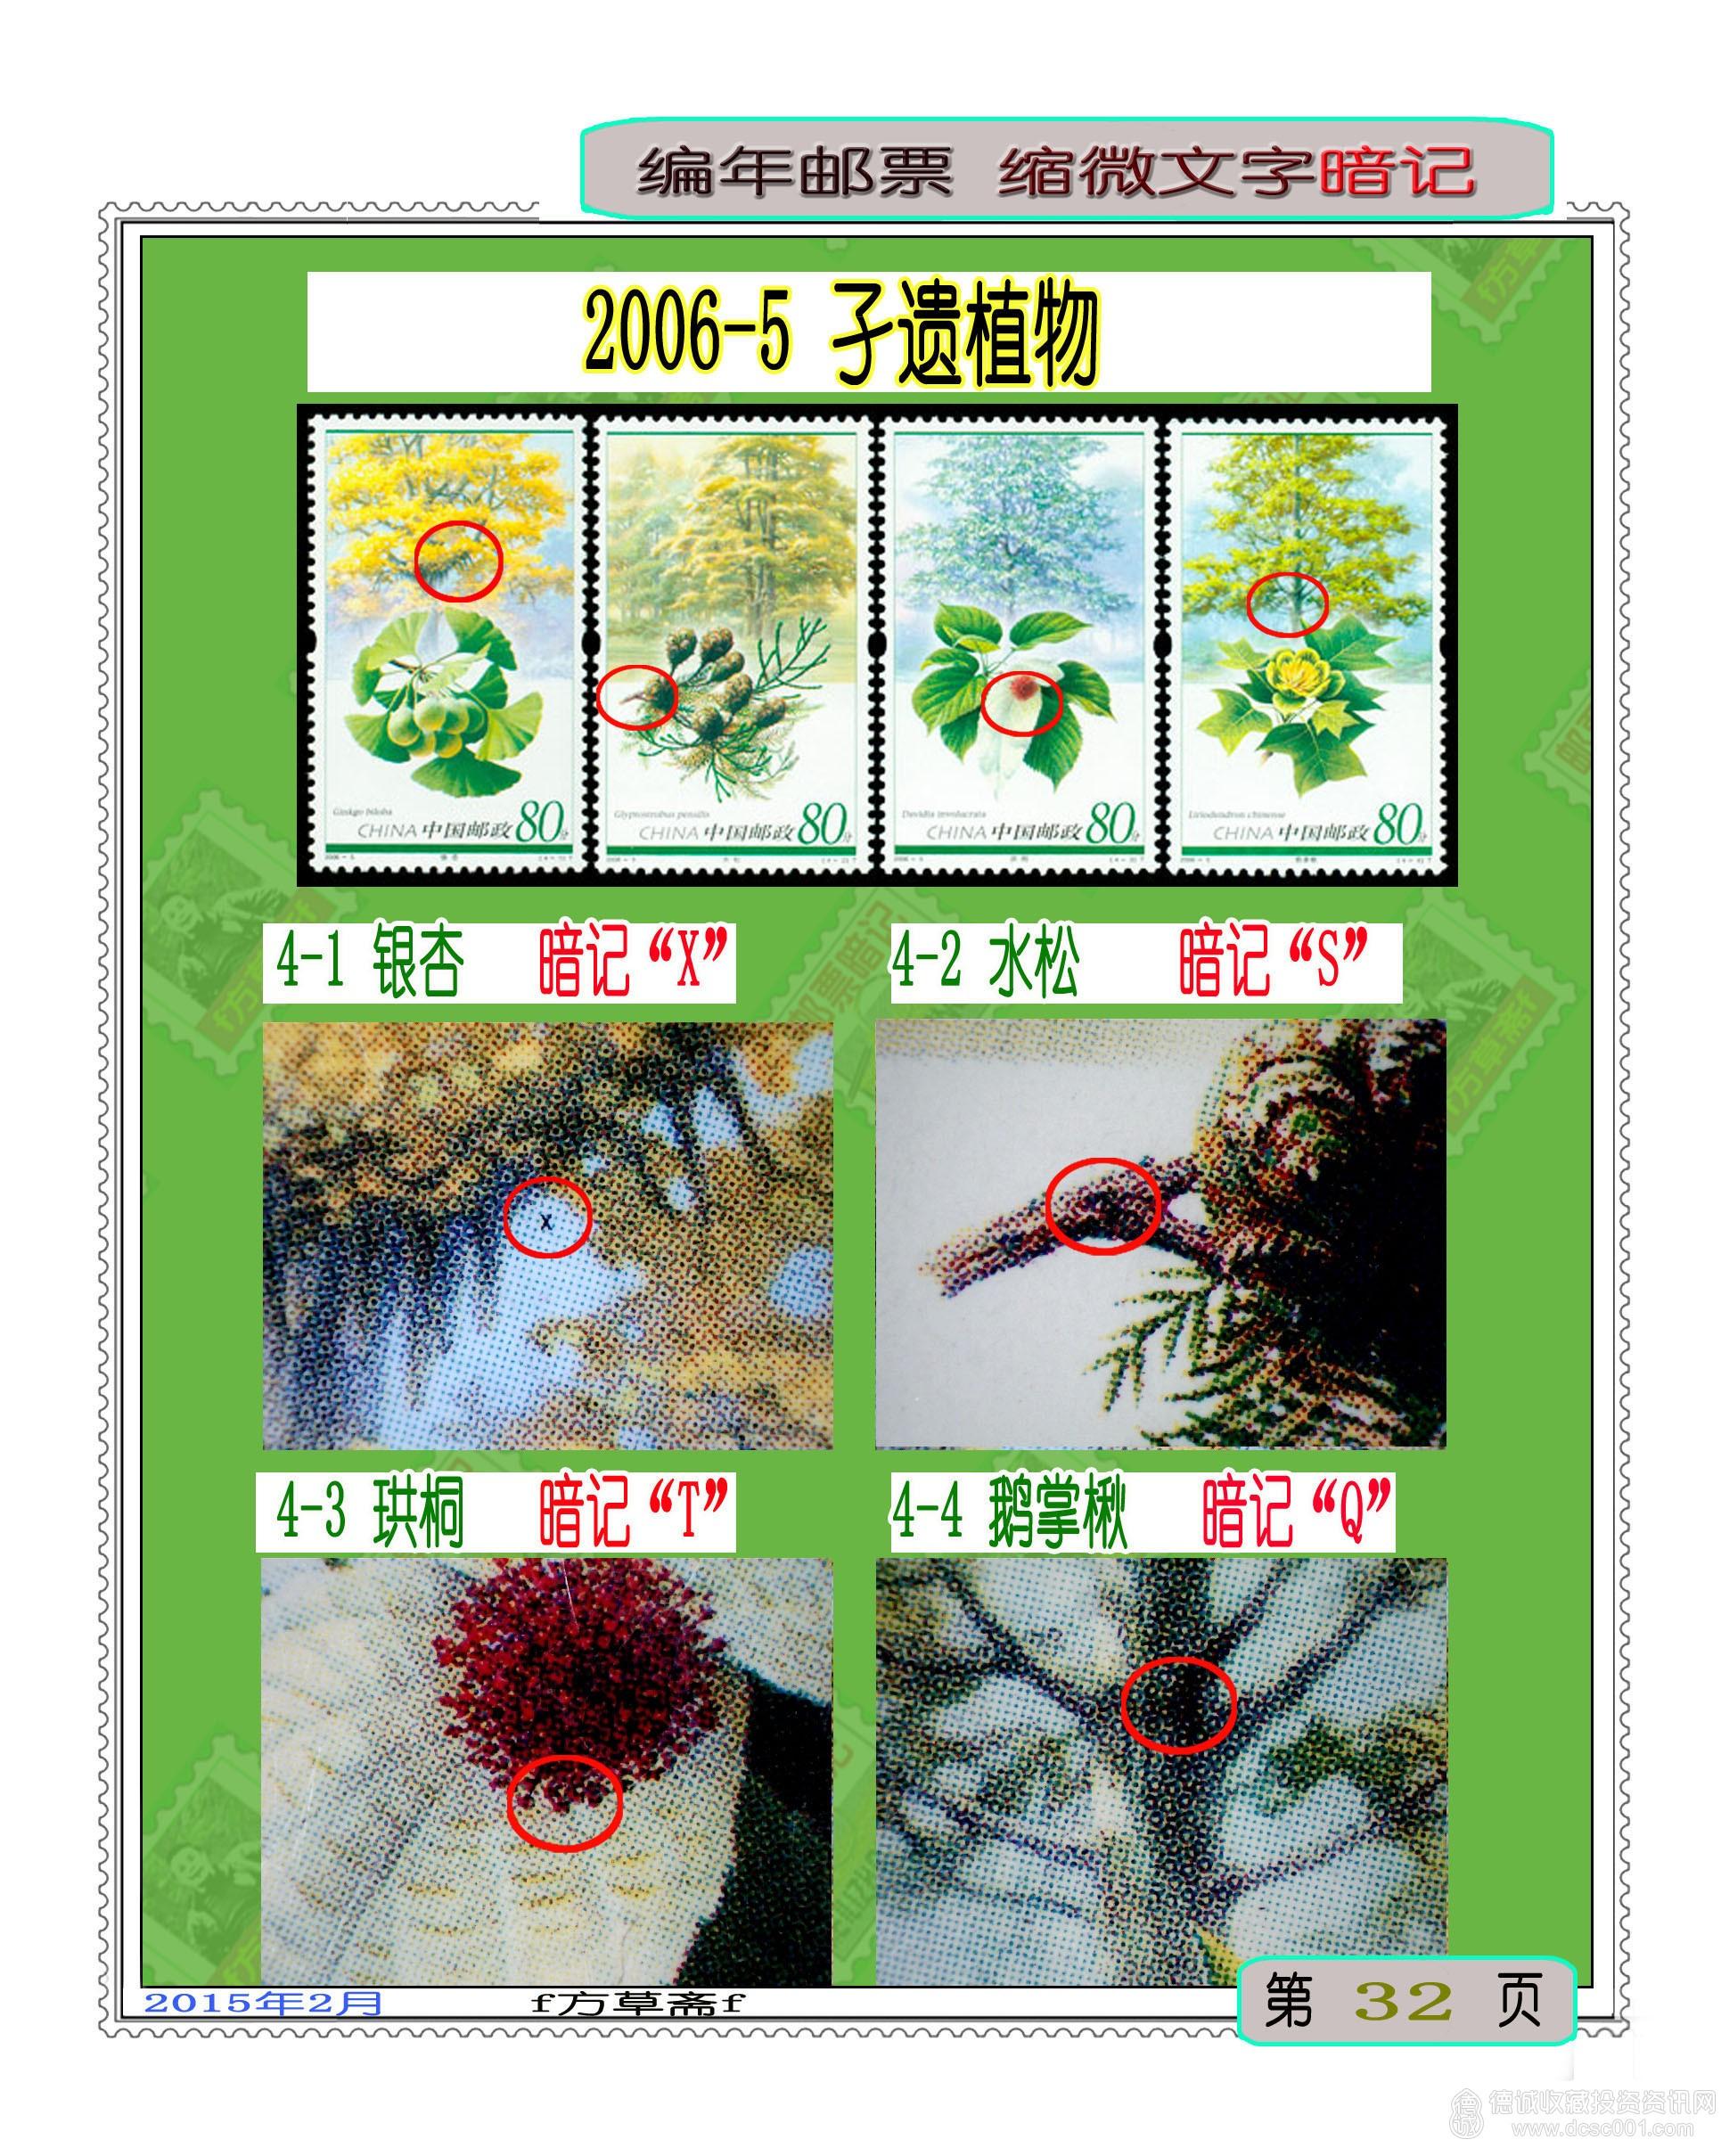 2006-5《孑遗植物》1.jpg